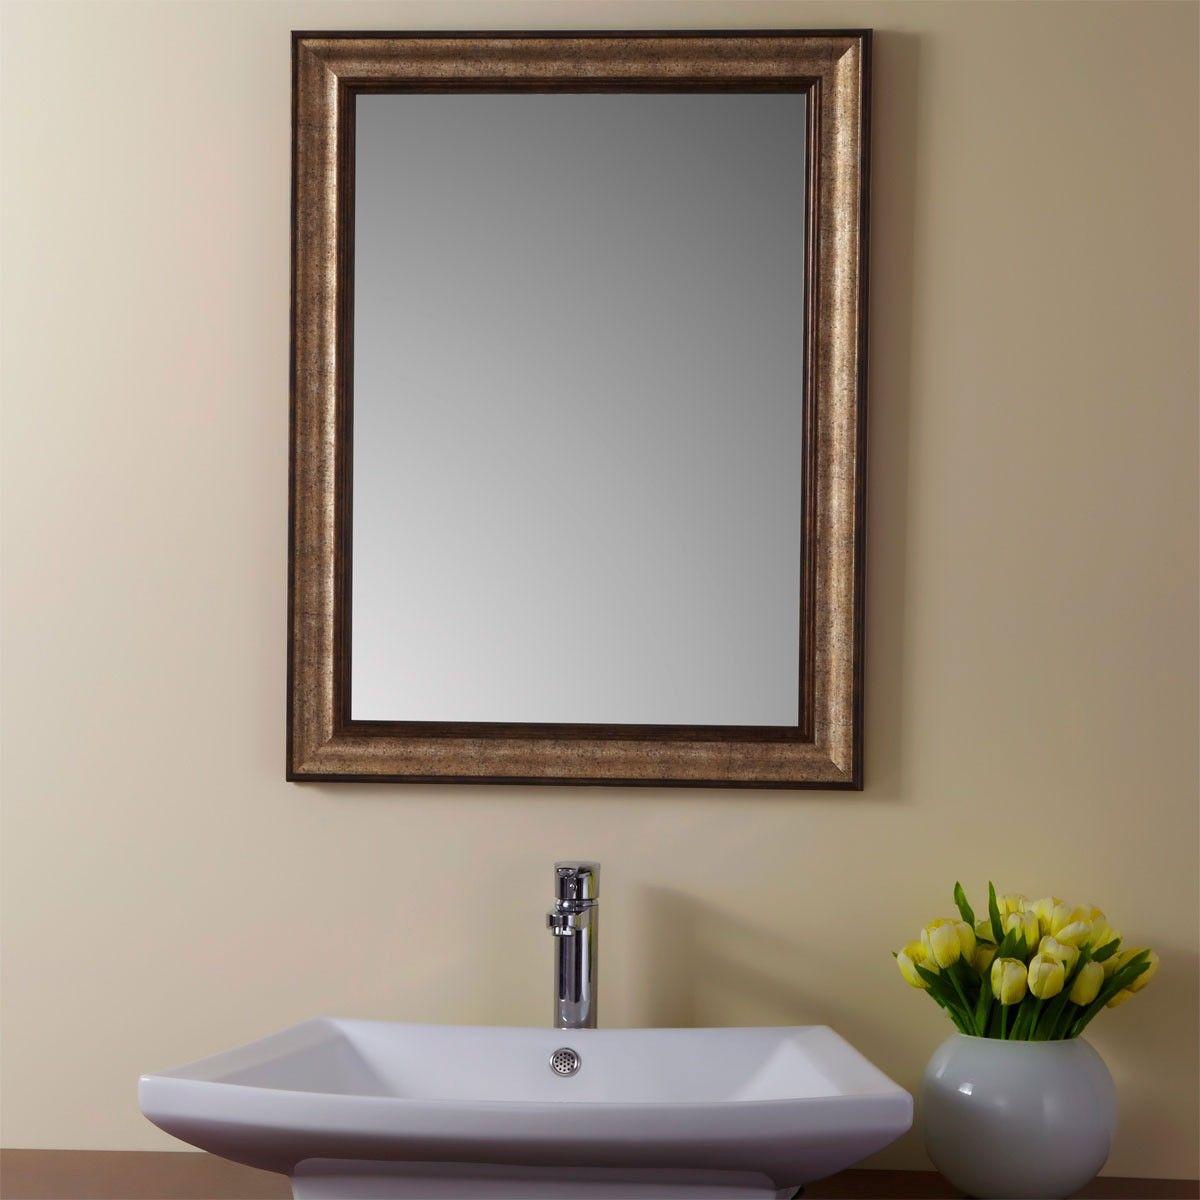 Miroir salle de bain cadre bois miroir en teck pour for Miroir salle de bain bois